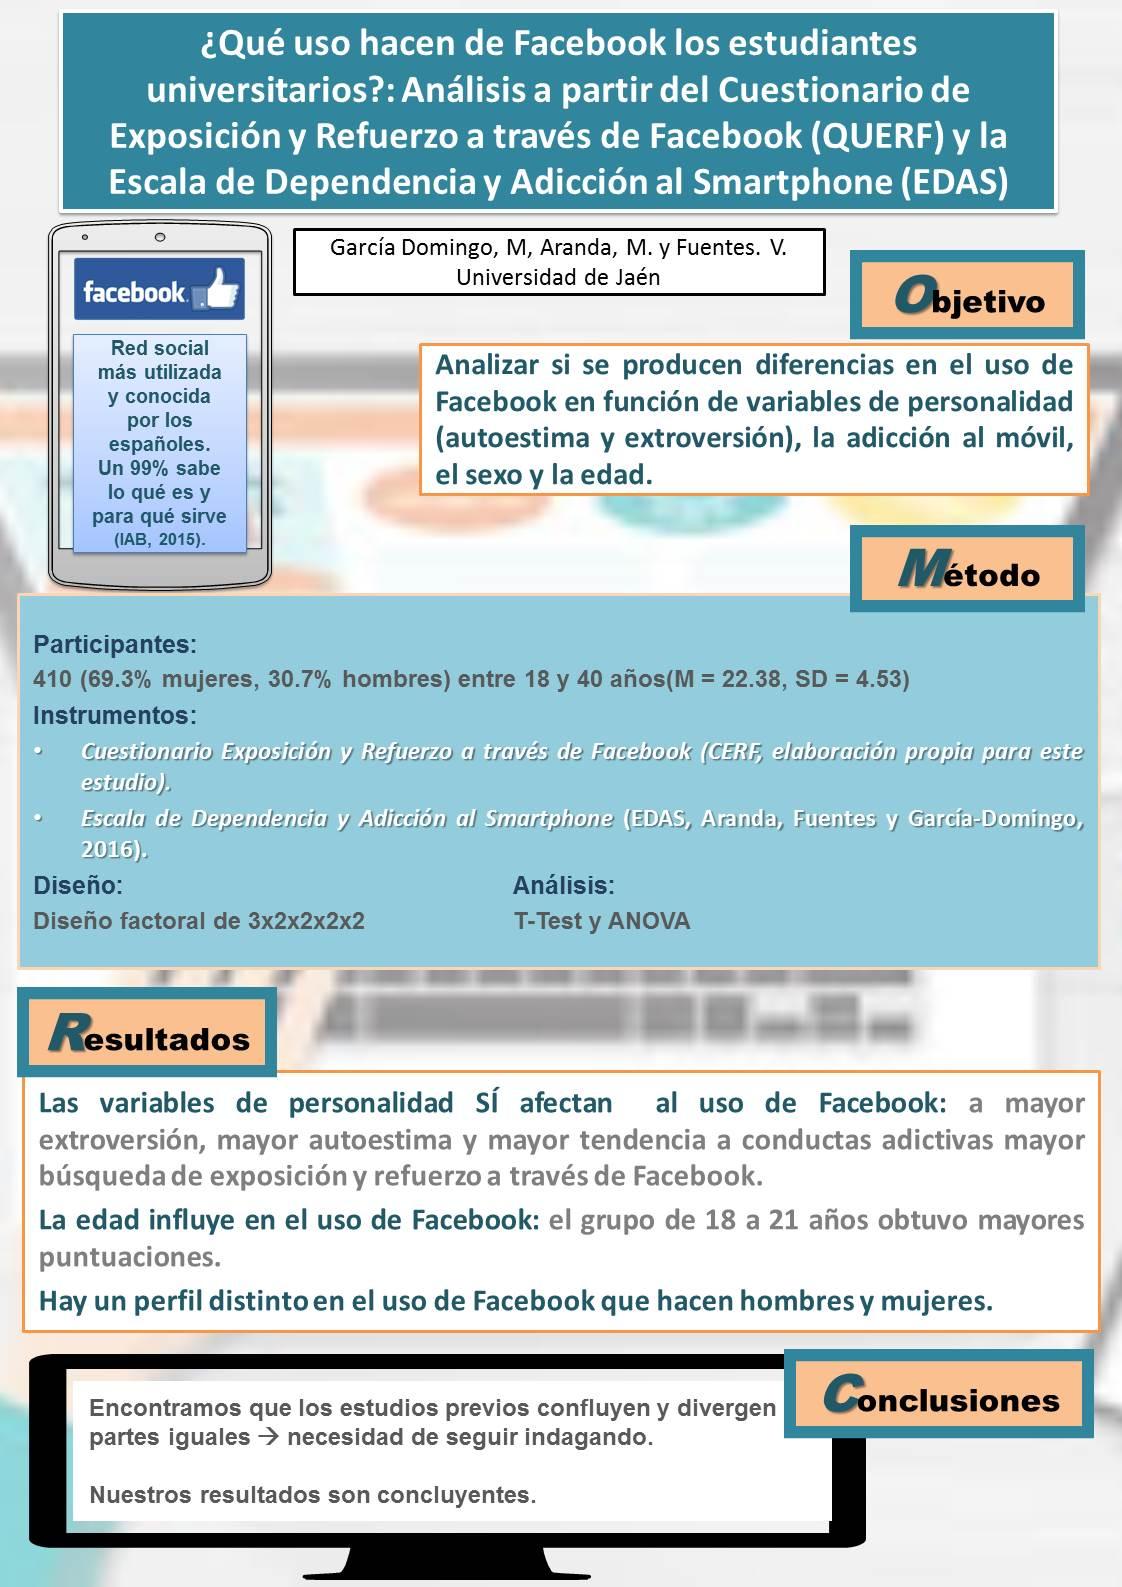 ¿Qué uso hacen de Facebook los estudiantes universitarios?: Análisis a partir del Cuestionario de Exposición y Refuerzo a través de Facebook (QUERF) y la Escala de Dependencia y Adicción al Smartphone (EDAS)